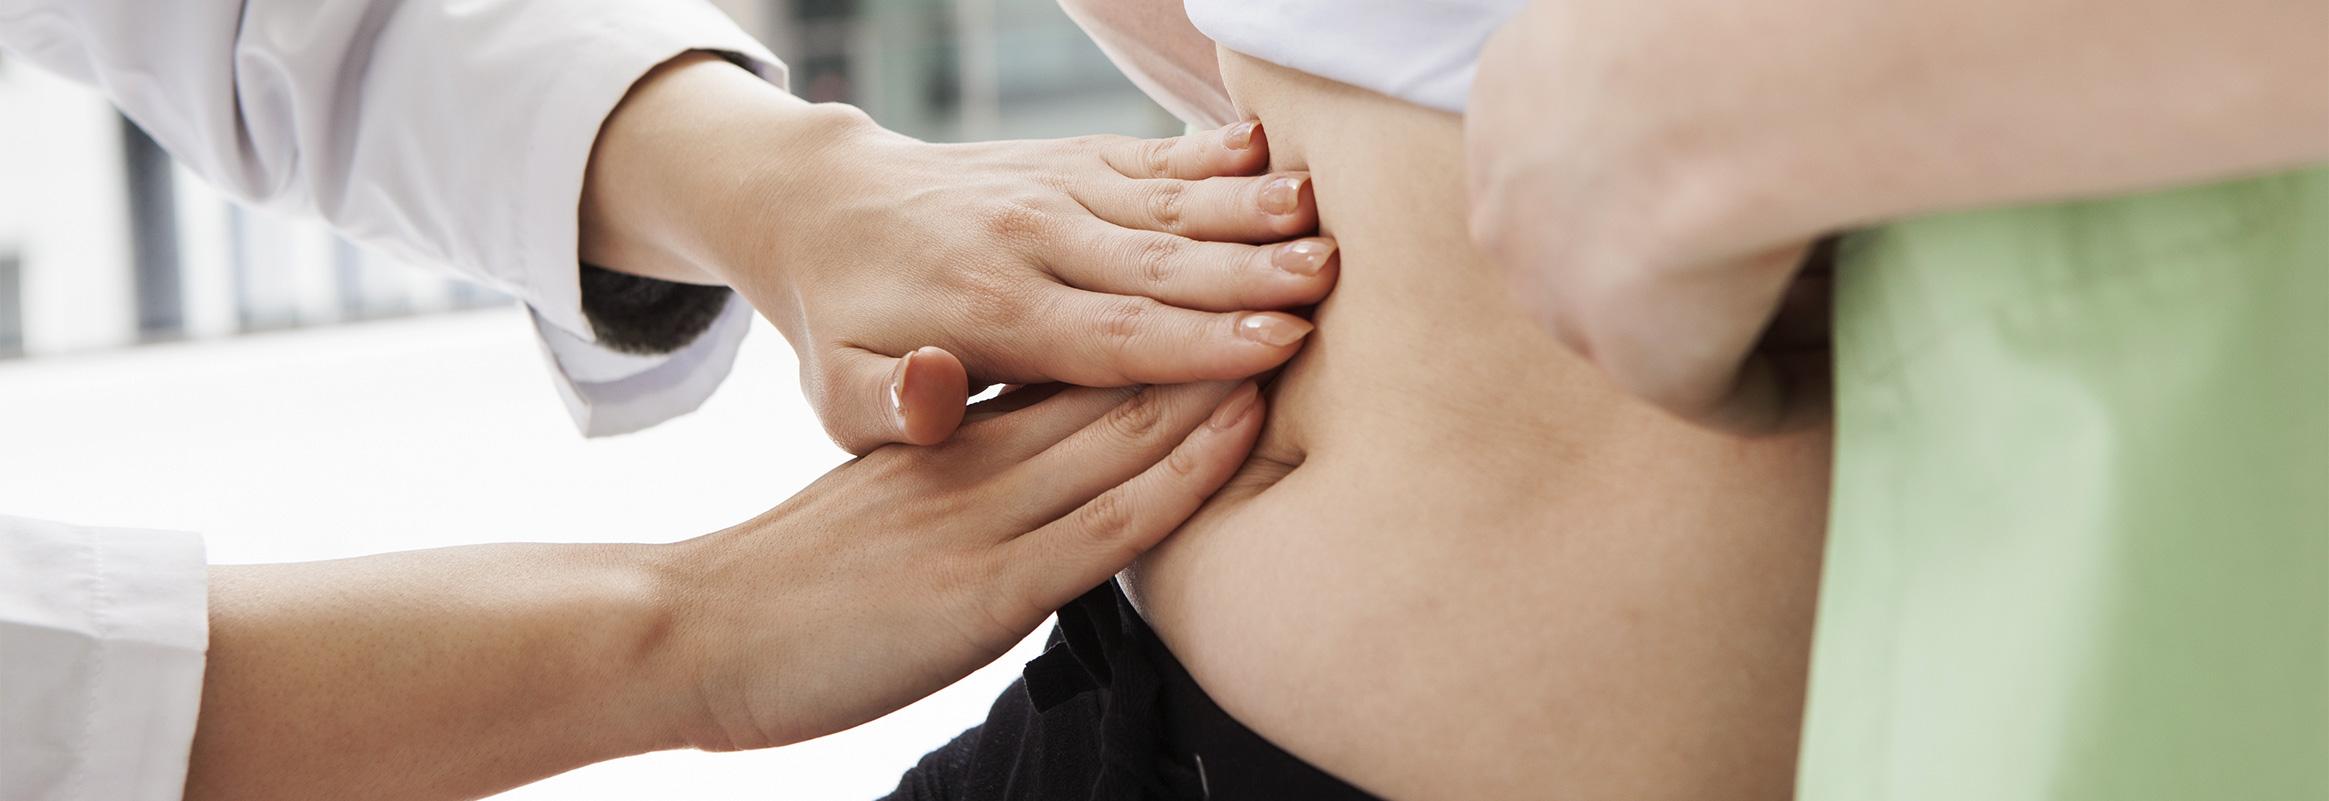 onderzoek naar spastische darm syndroom